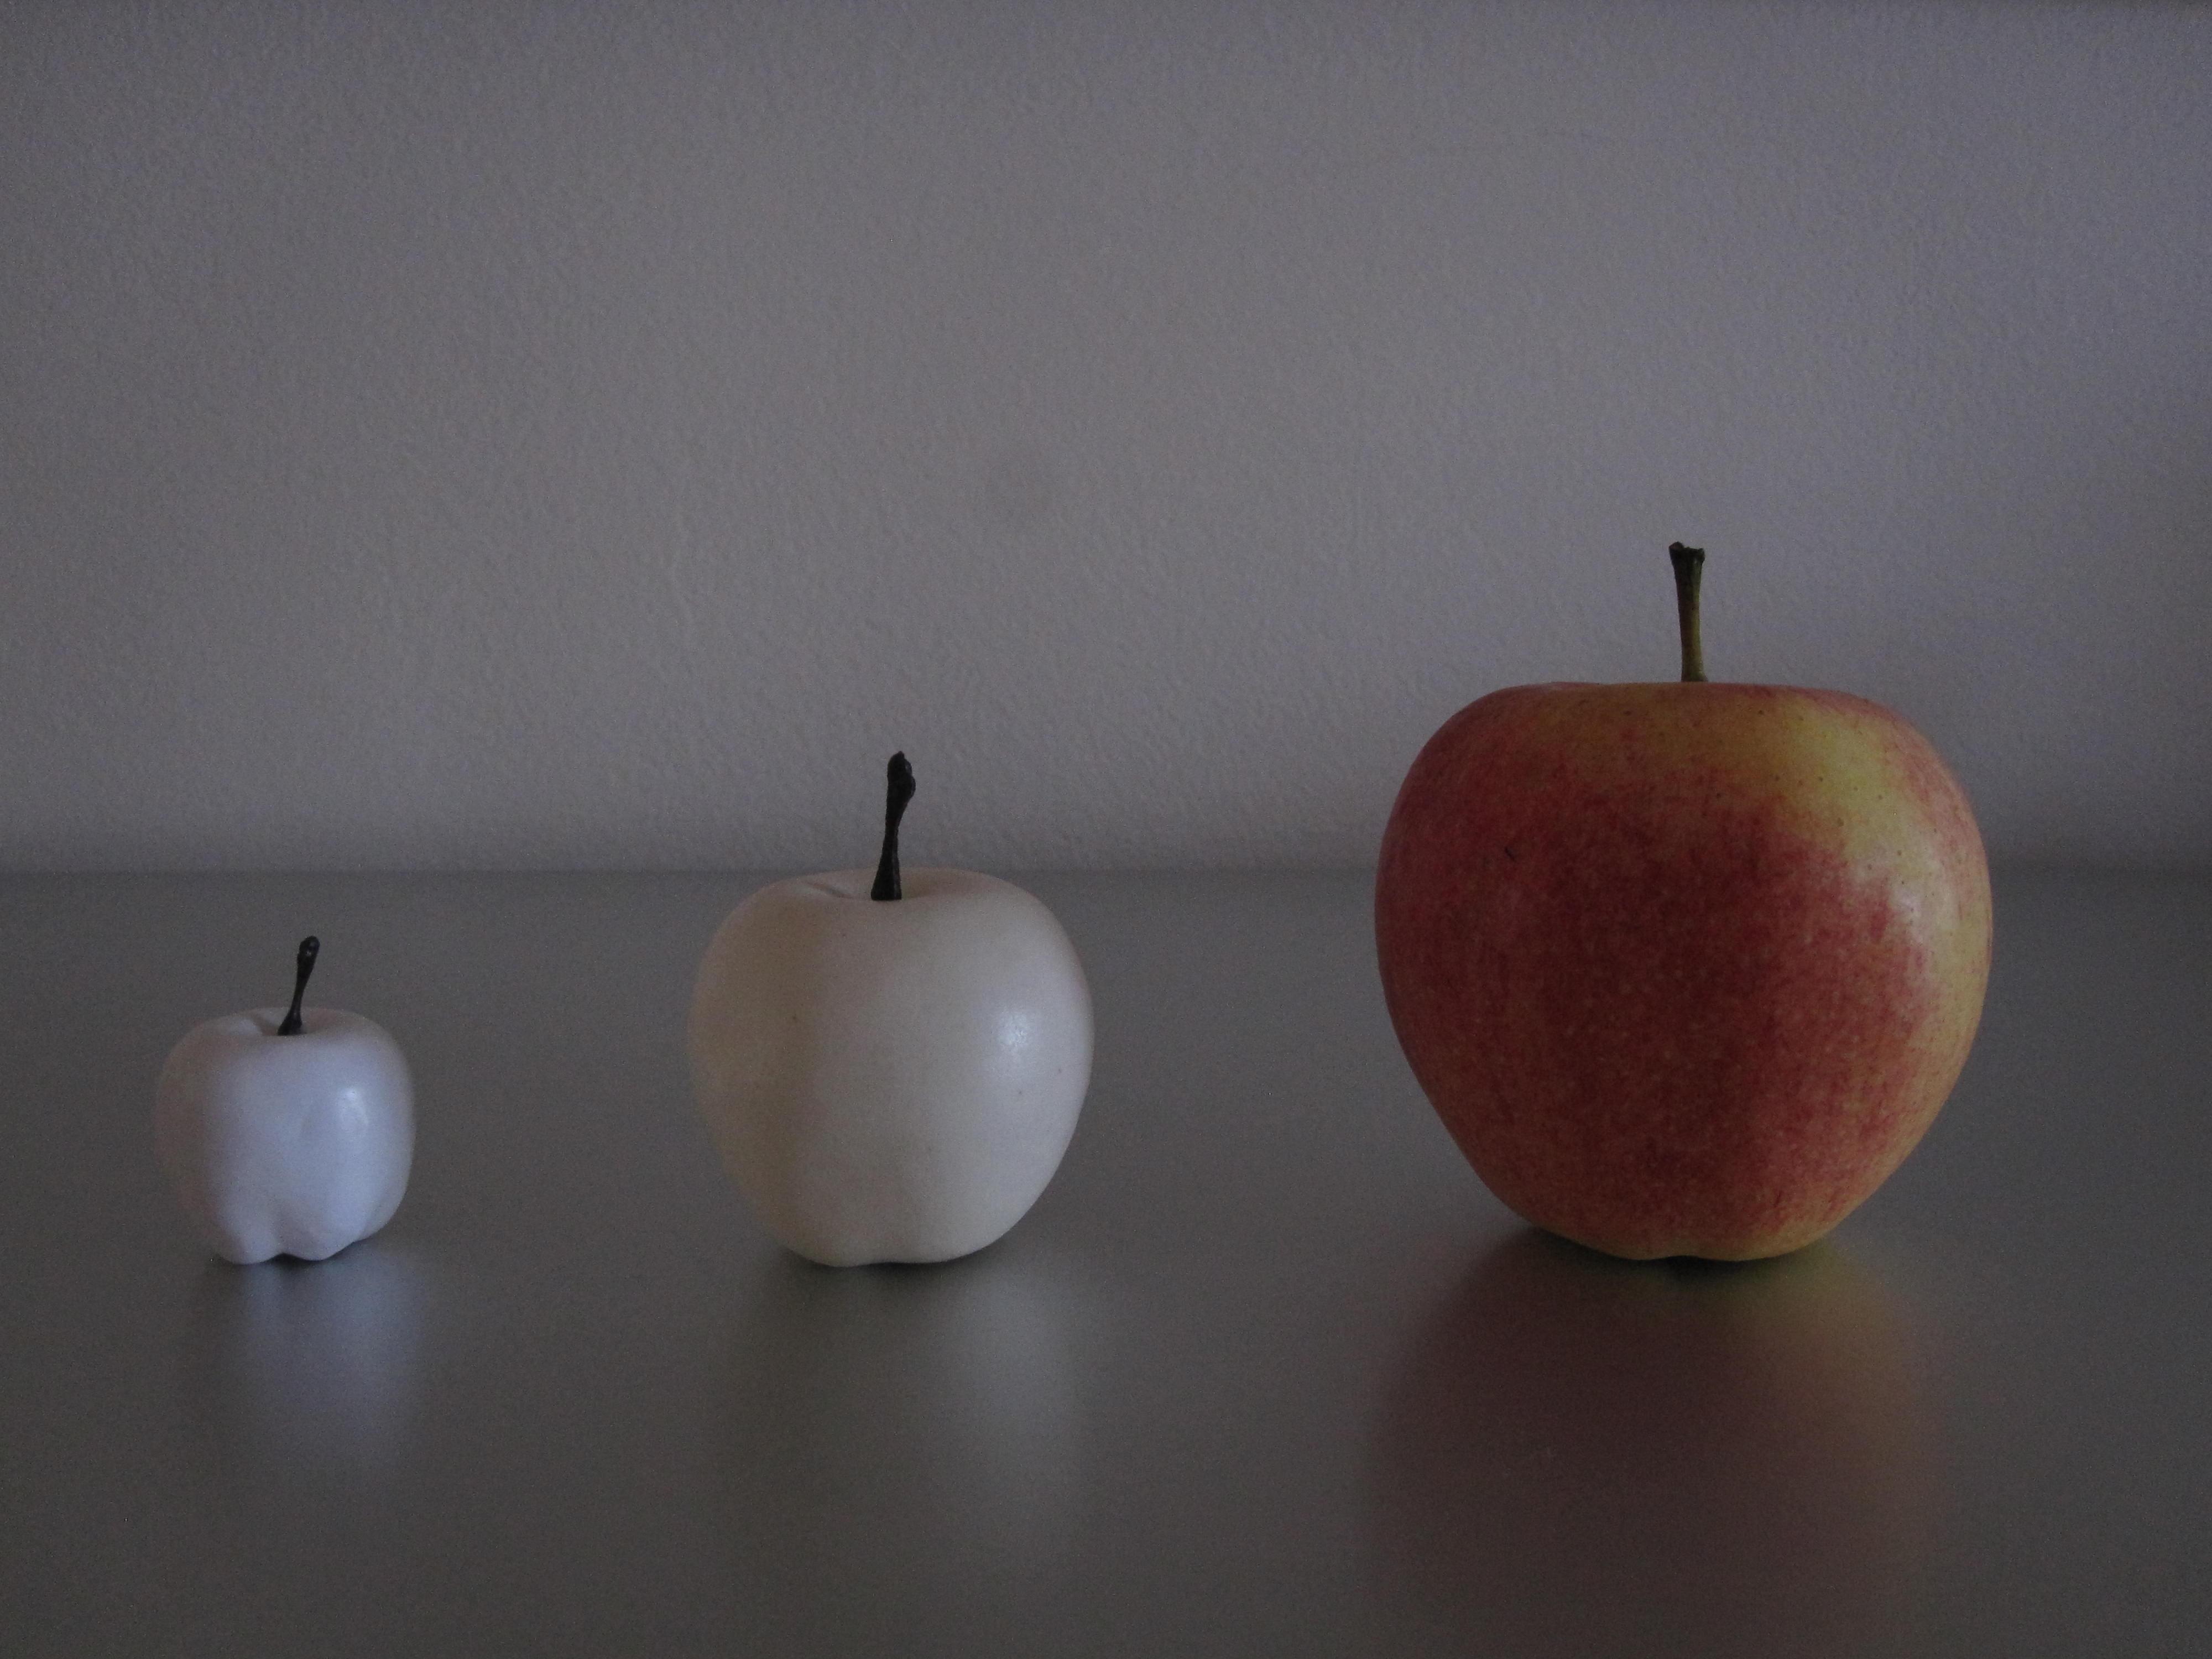 tout p'tite, p'tite, pomme